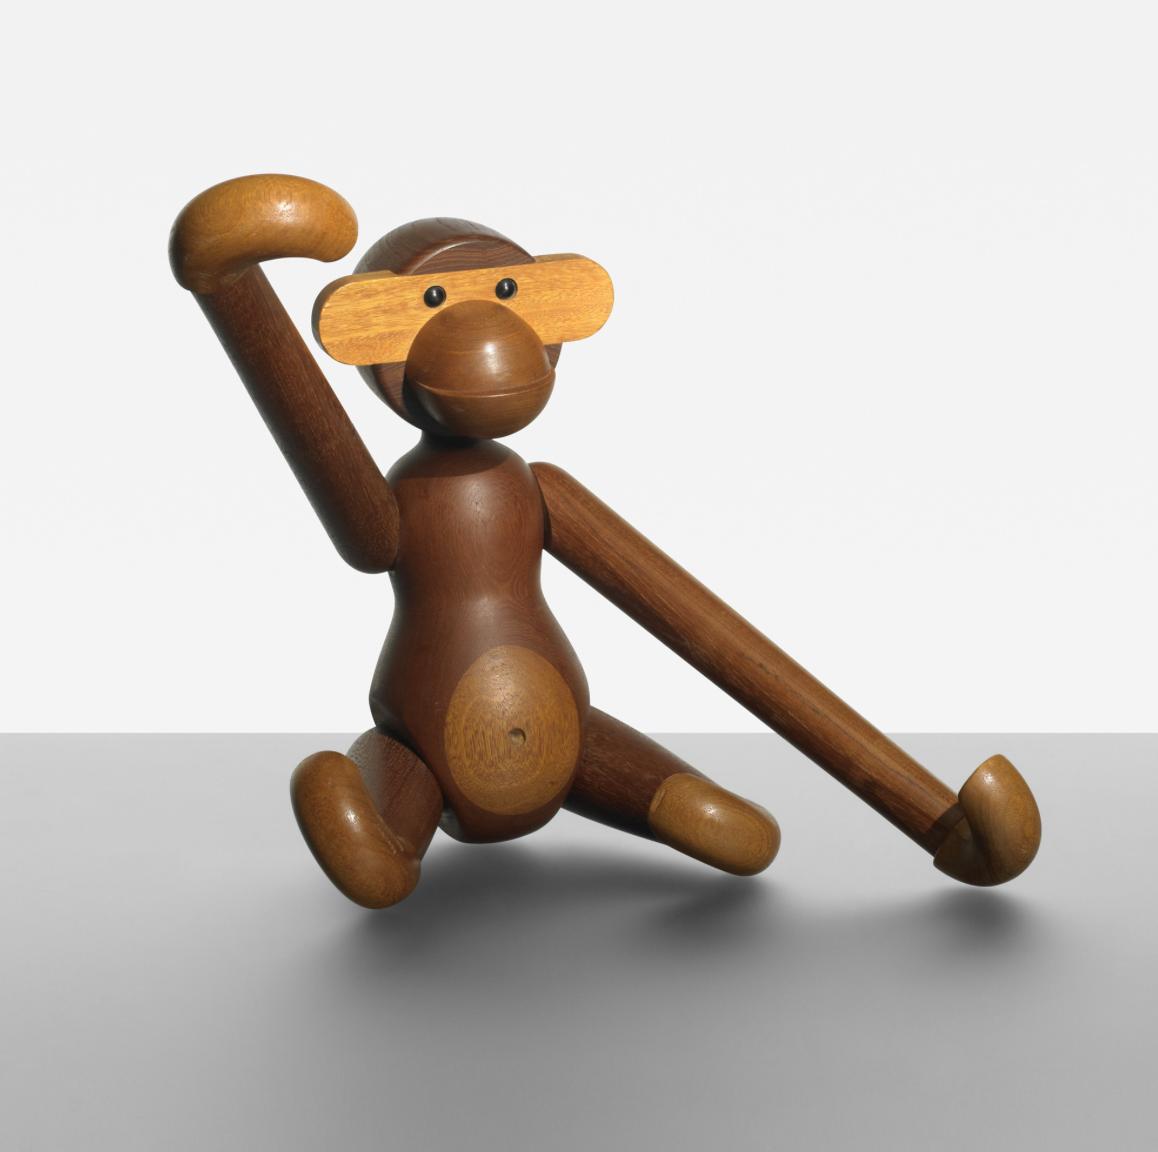 Wooden toy monkey by Kay Bojesen